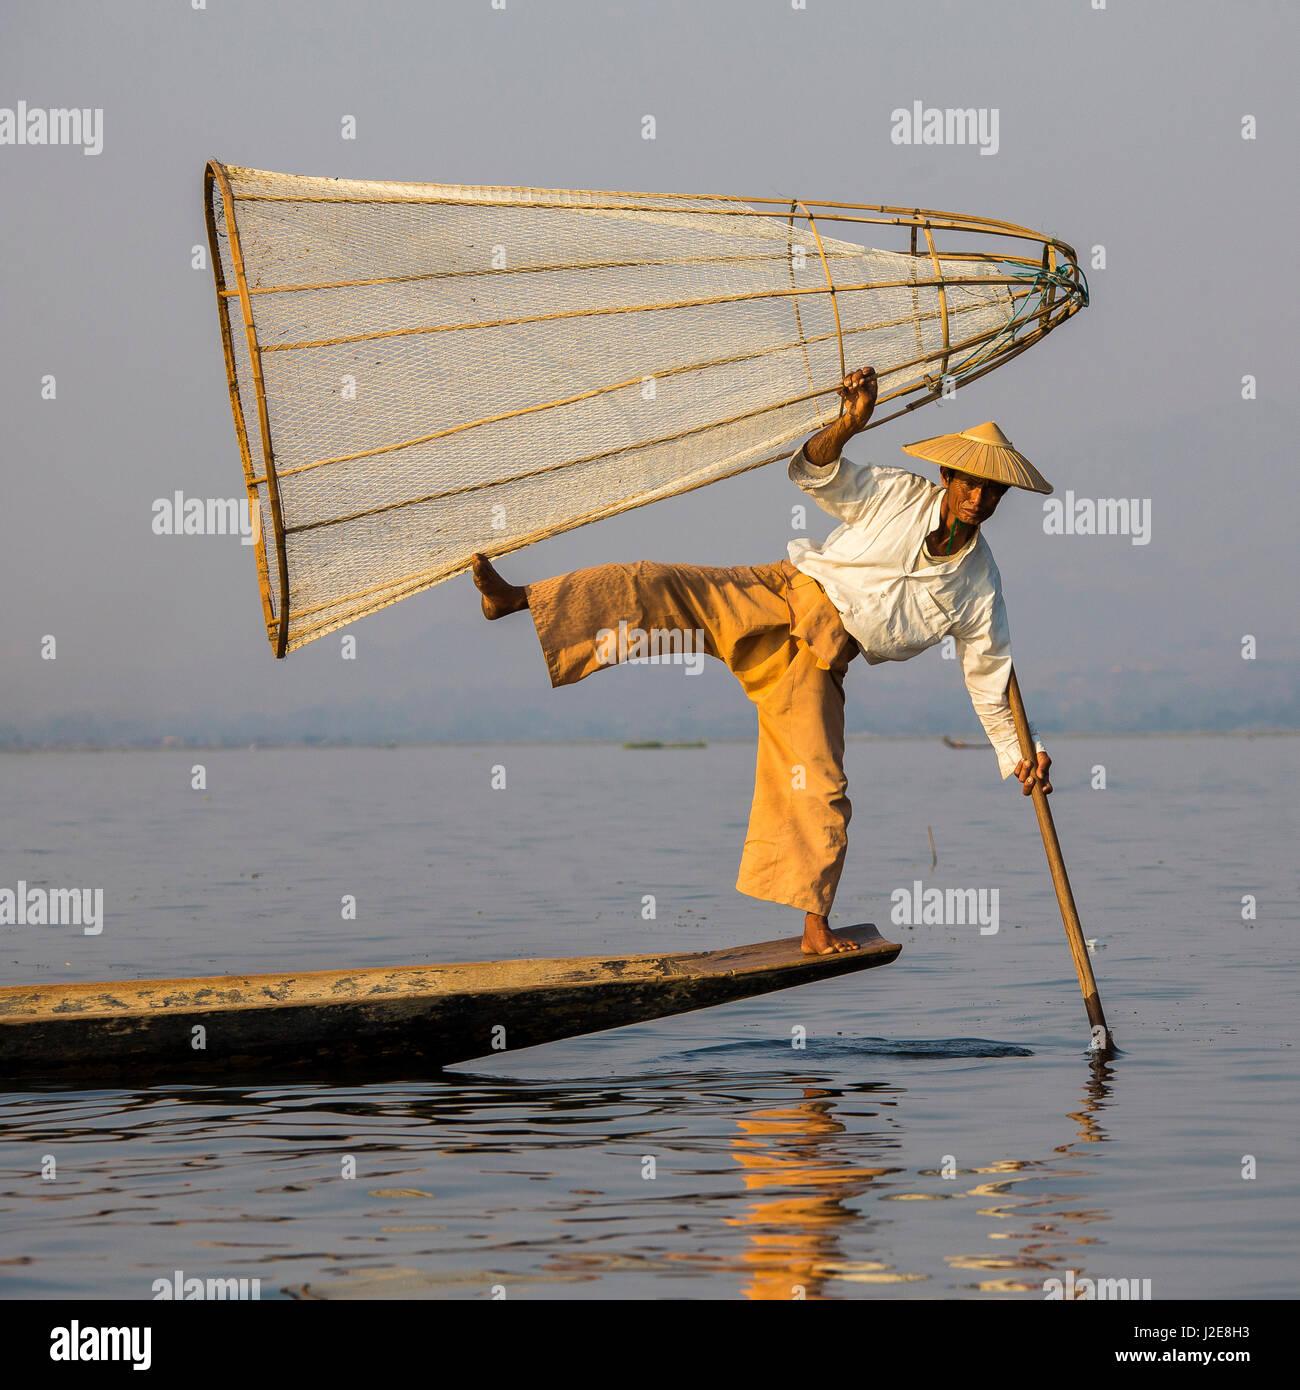 Gamba stile di voga, i pescatori Intha sul Lago Inle, Myanmar Immagini Stock